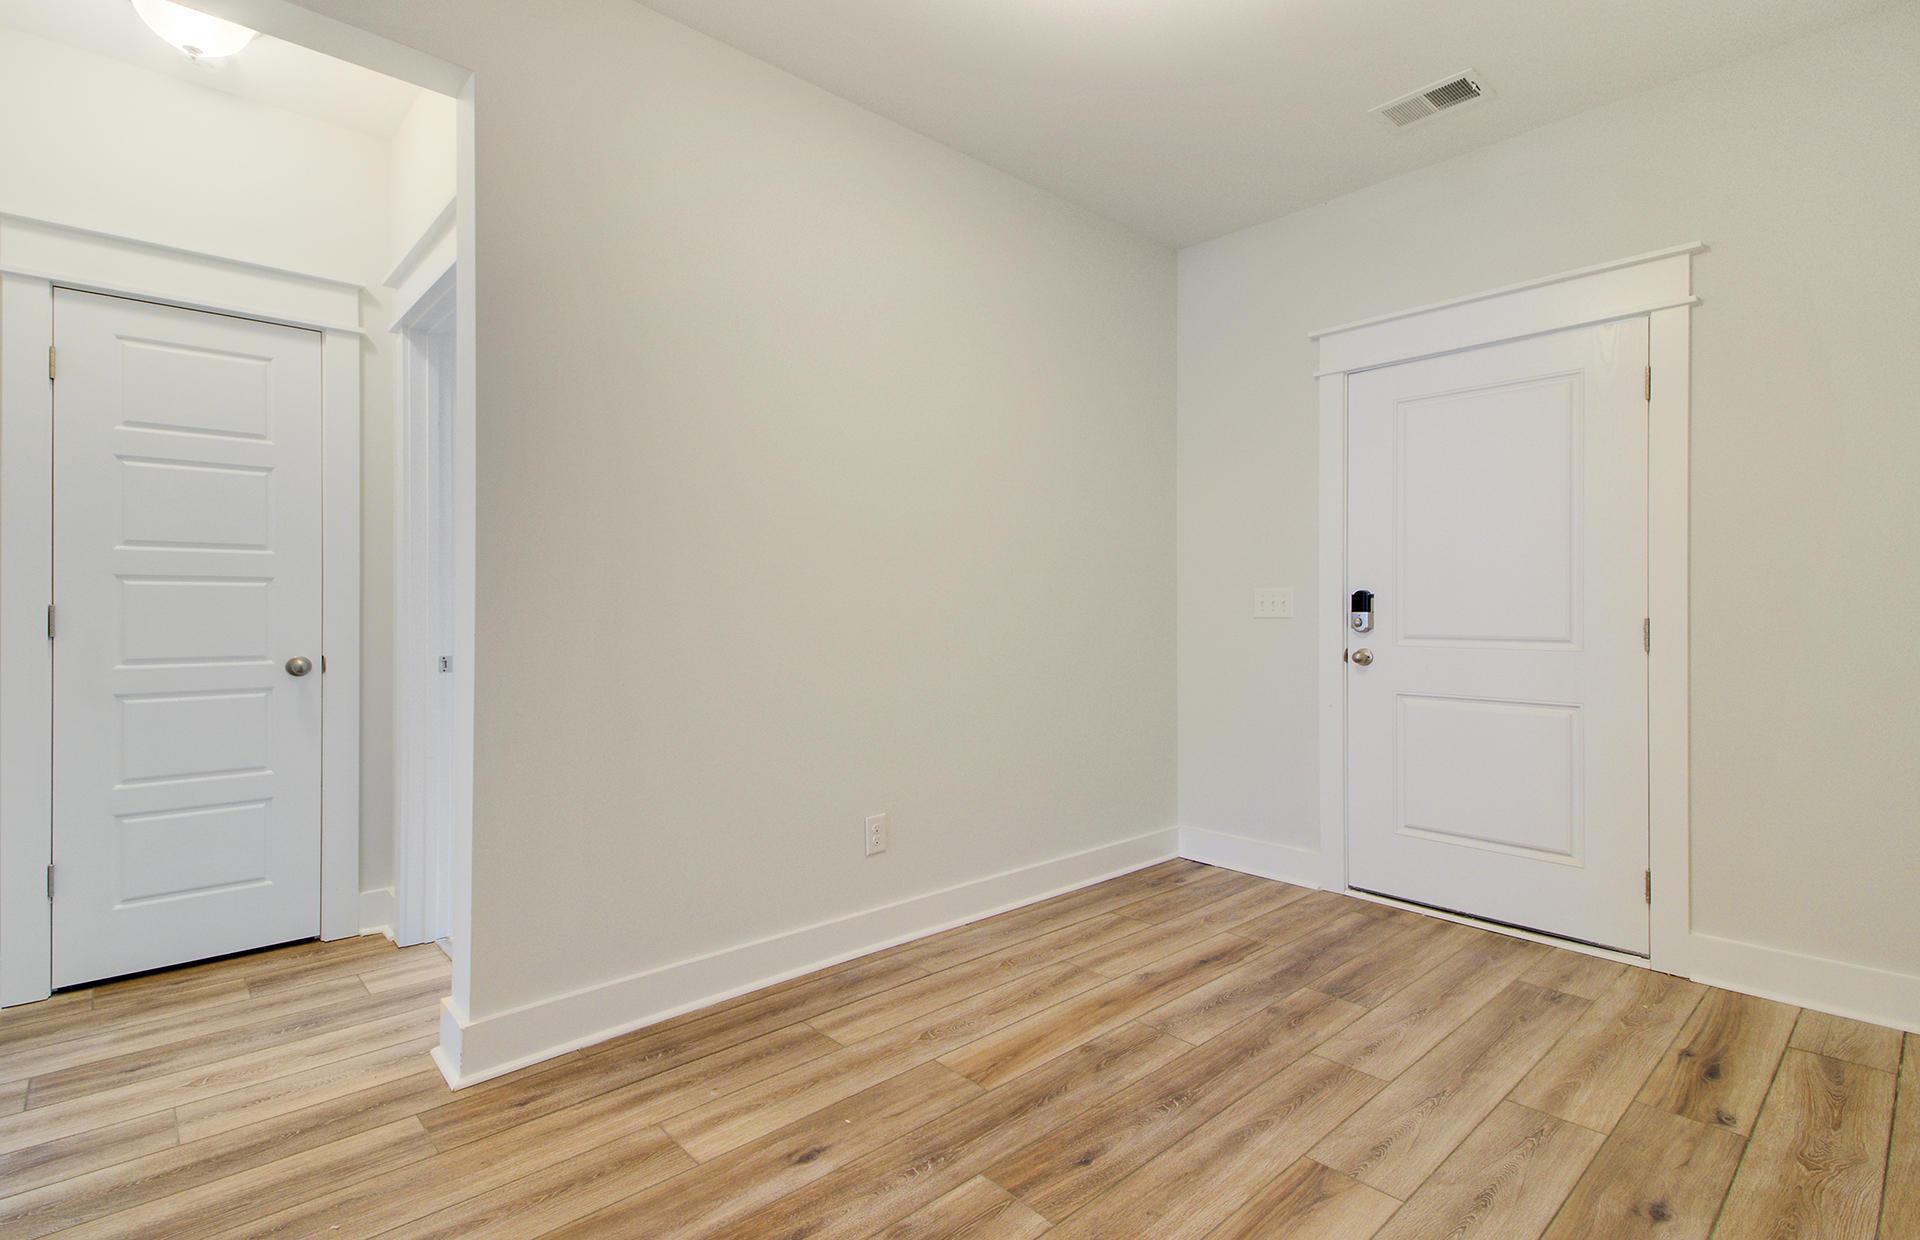 Park West Homes For Sale - 3032 Caspian, Mount Pleasant, SC - 22